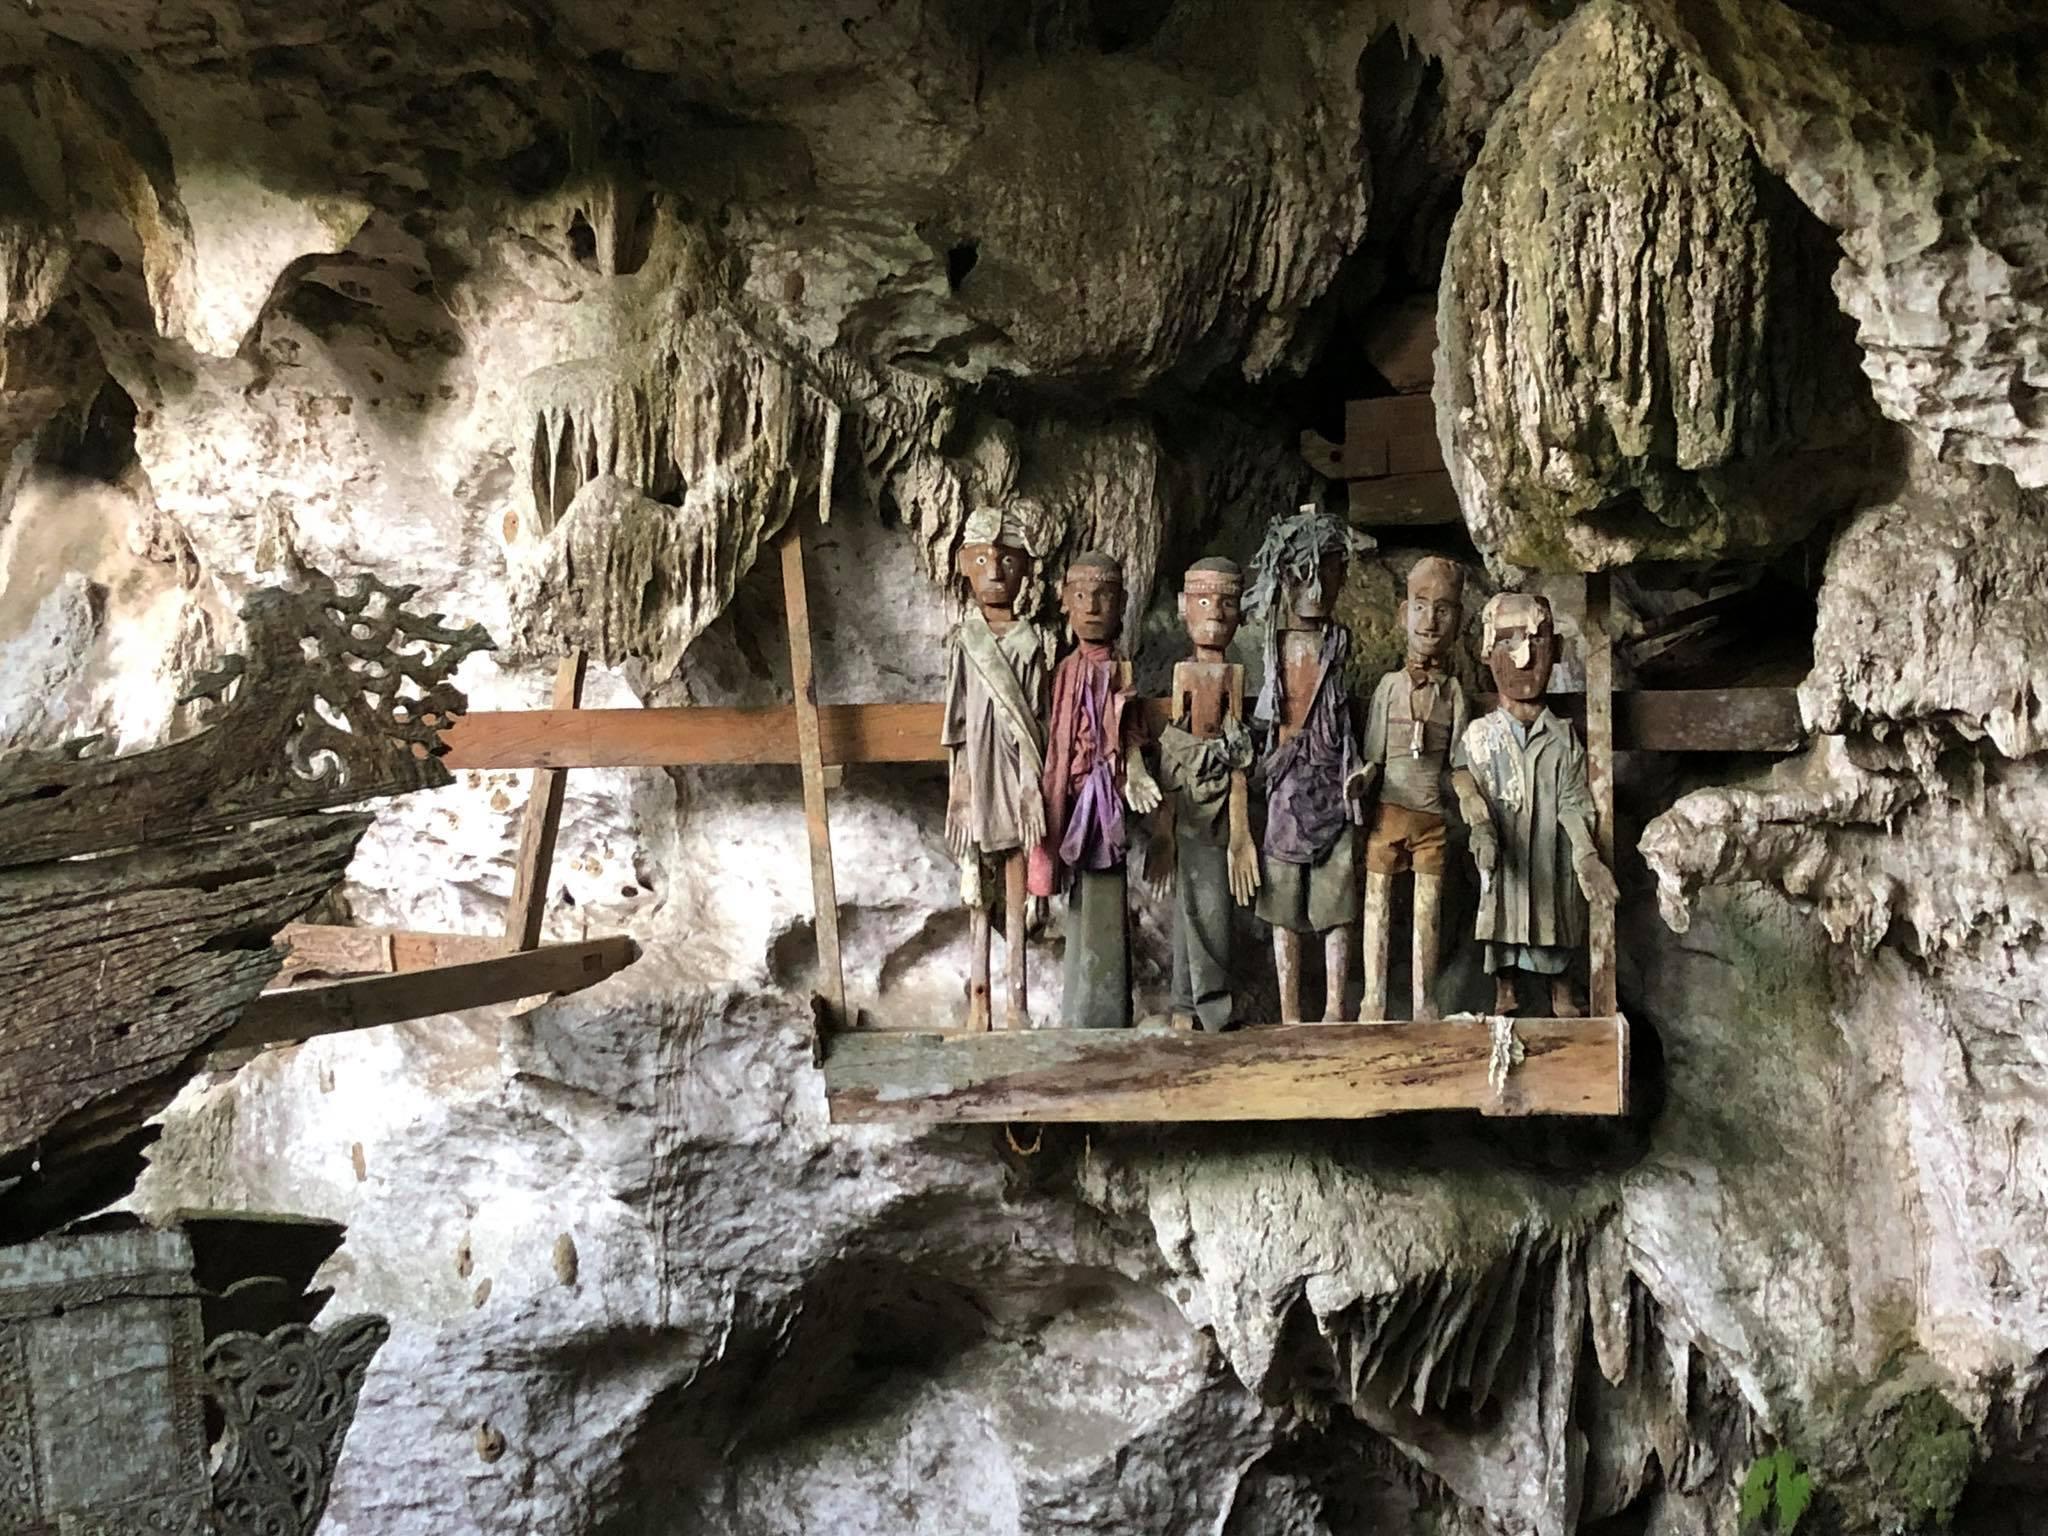 Reise in Sulawesi in Indonesien. In einer Höhle in der Provinz Tana Toraja stehen einige mit Stoff bekleidetet Holzpuppen.